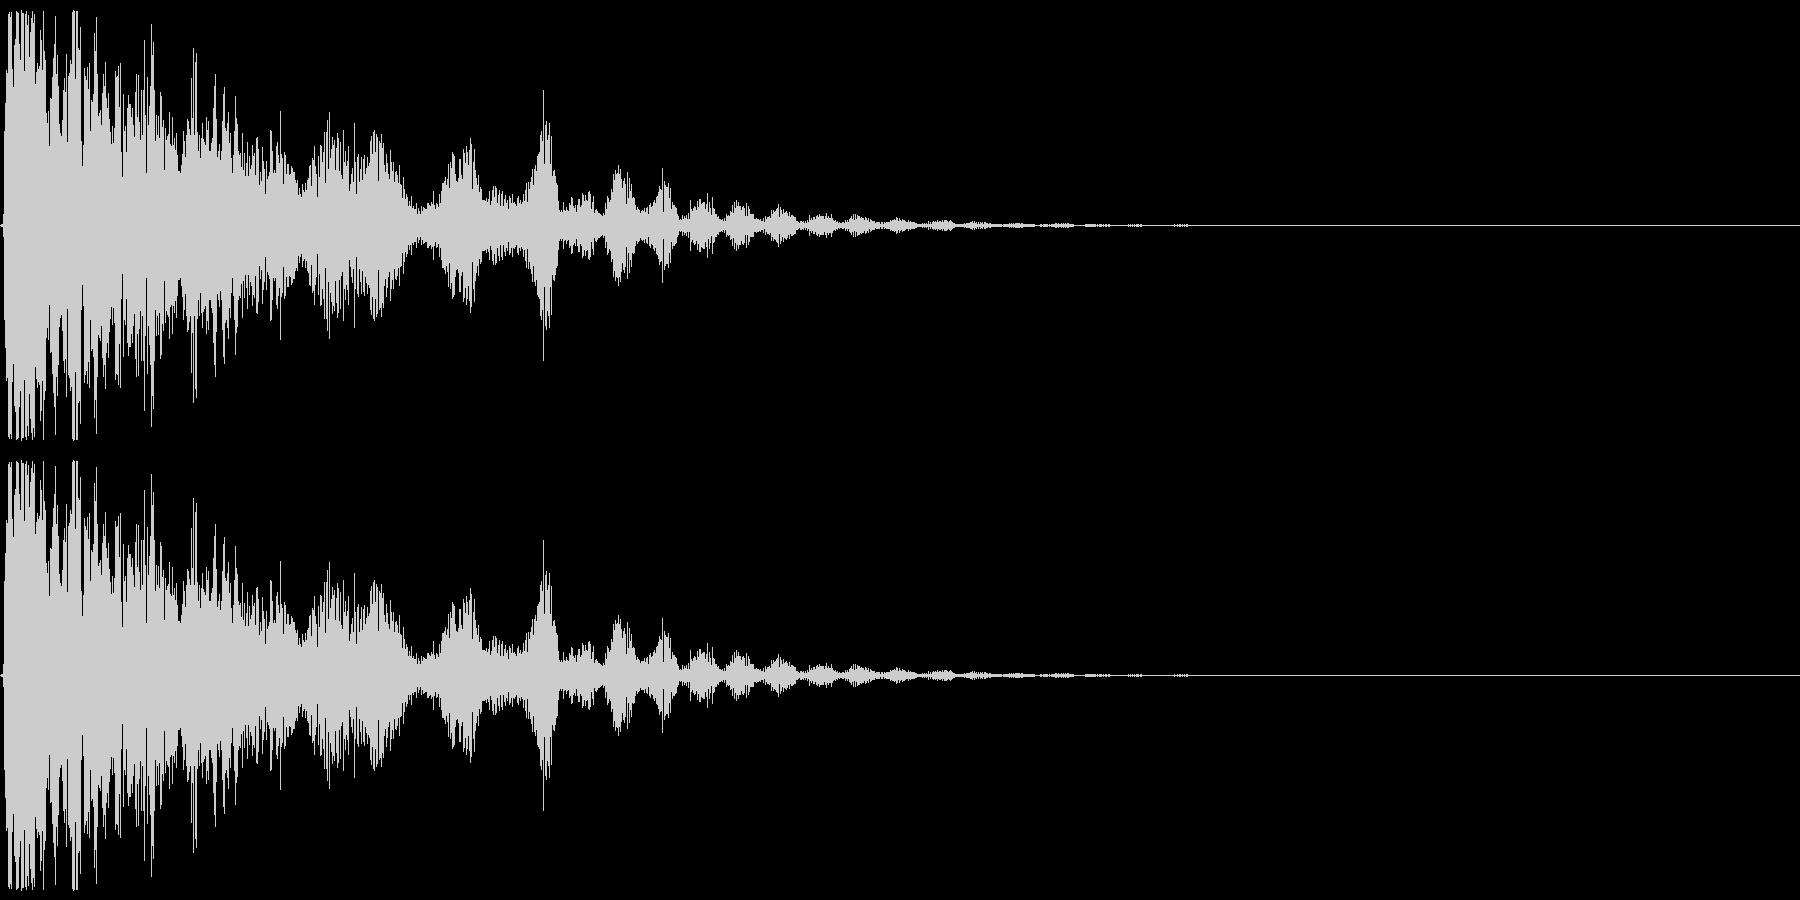 光弾、氷などをイメージしたエフェクト音の未再生の波形